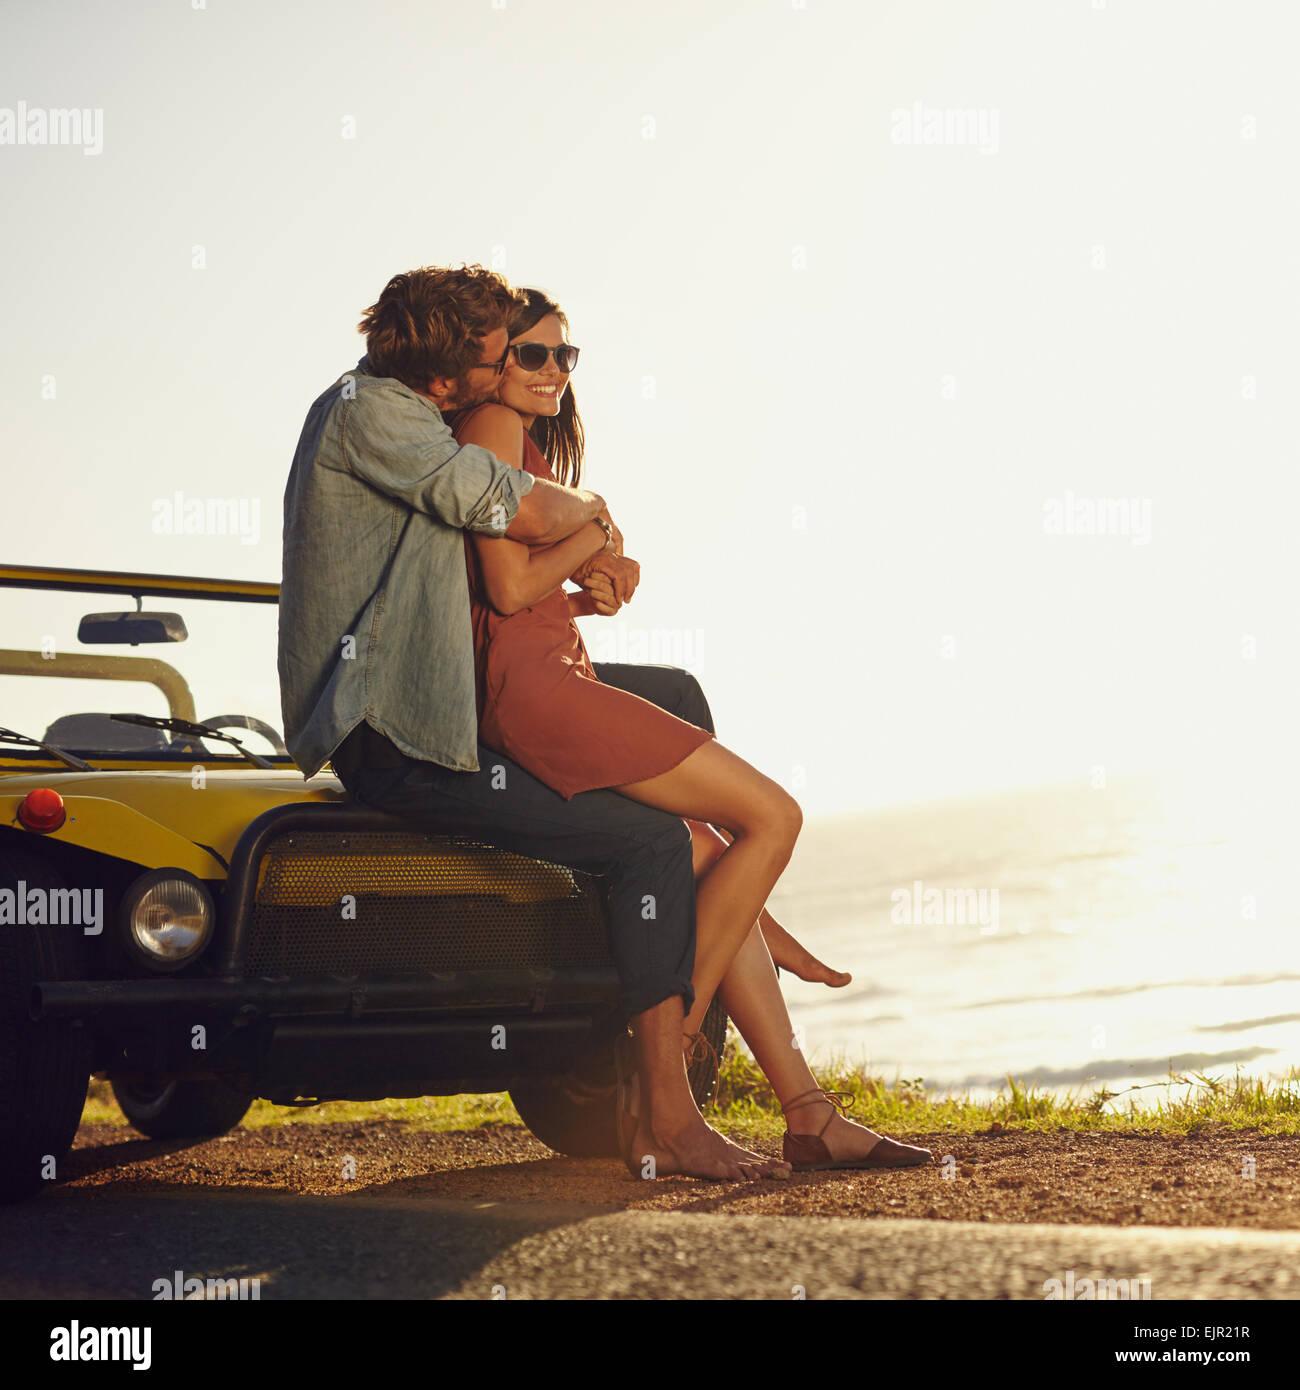 Junges Paar in Liebe umarmen und küssen. Junger Mann und Frau sitzen auf der Motorhaube. Romantische junges Paar Stockfoto